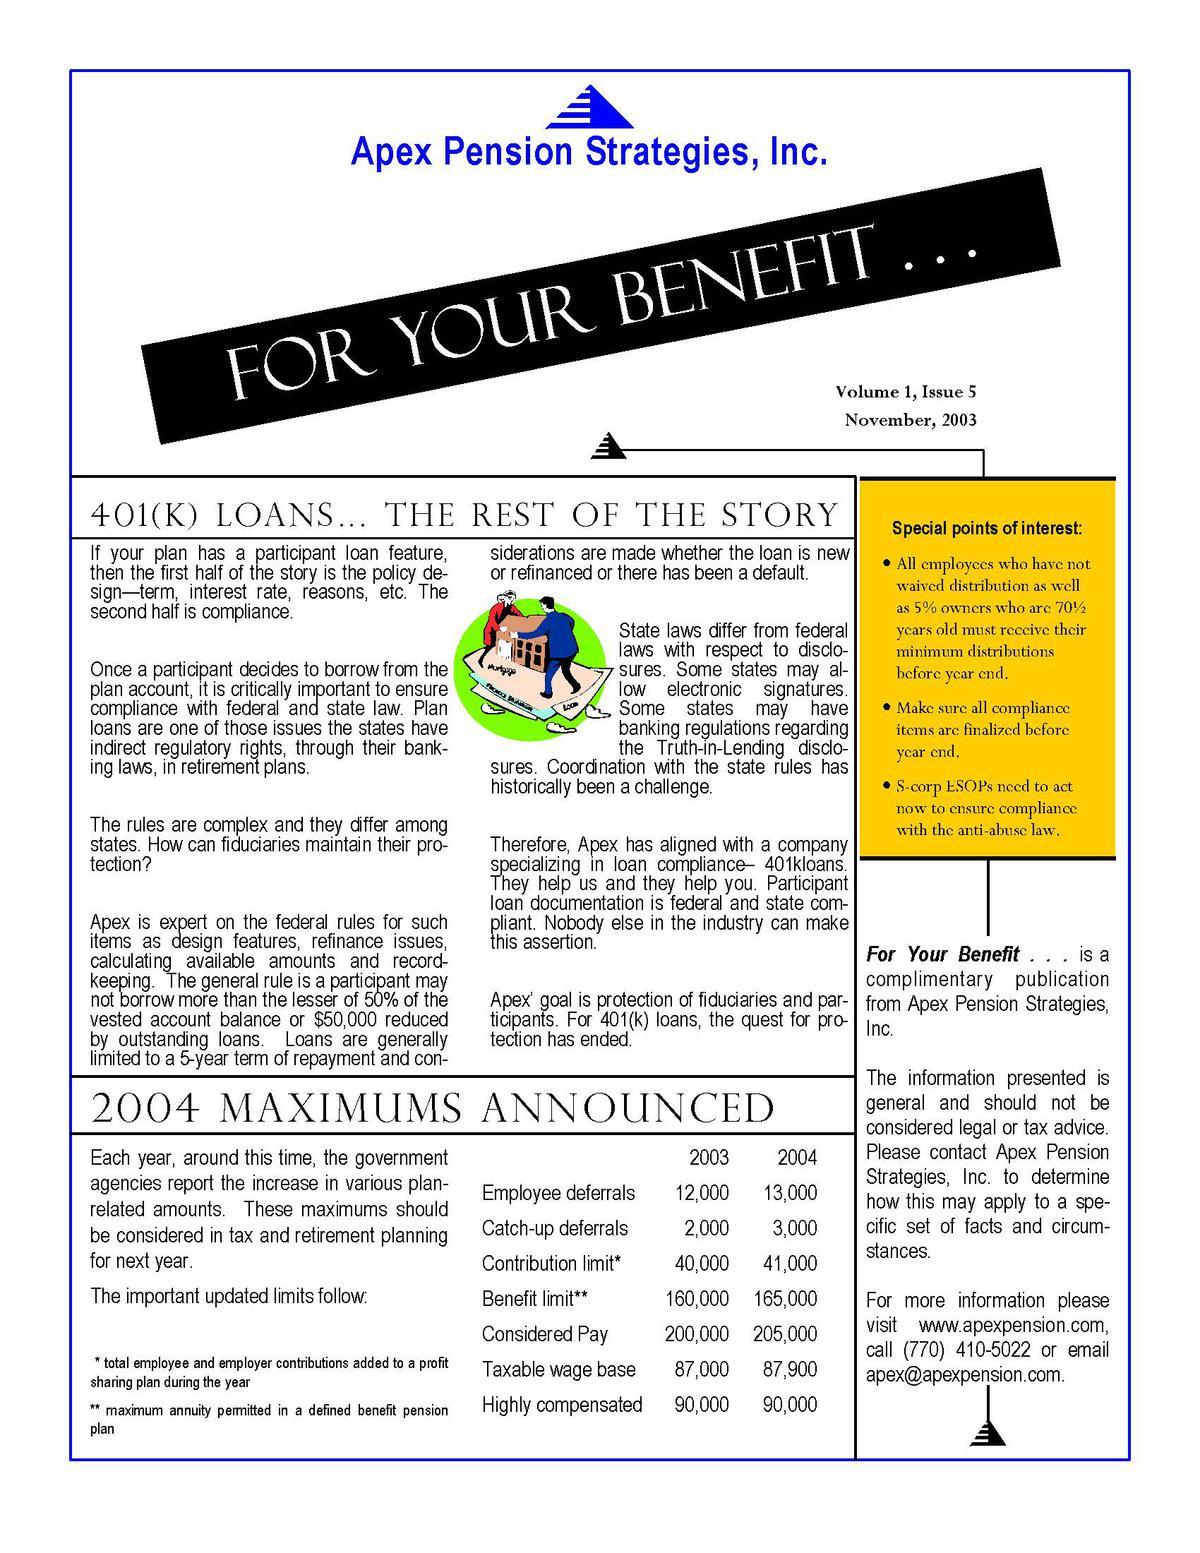 2004 Maxiumums Announced